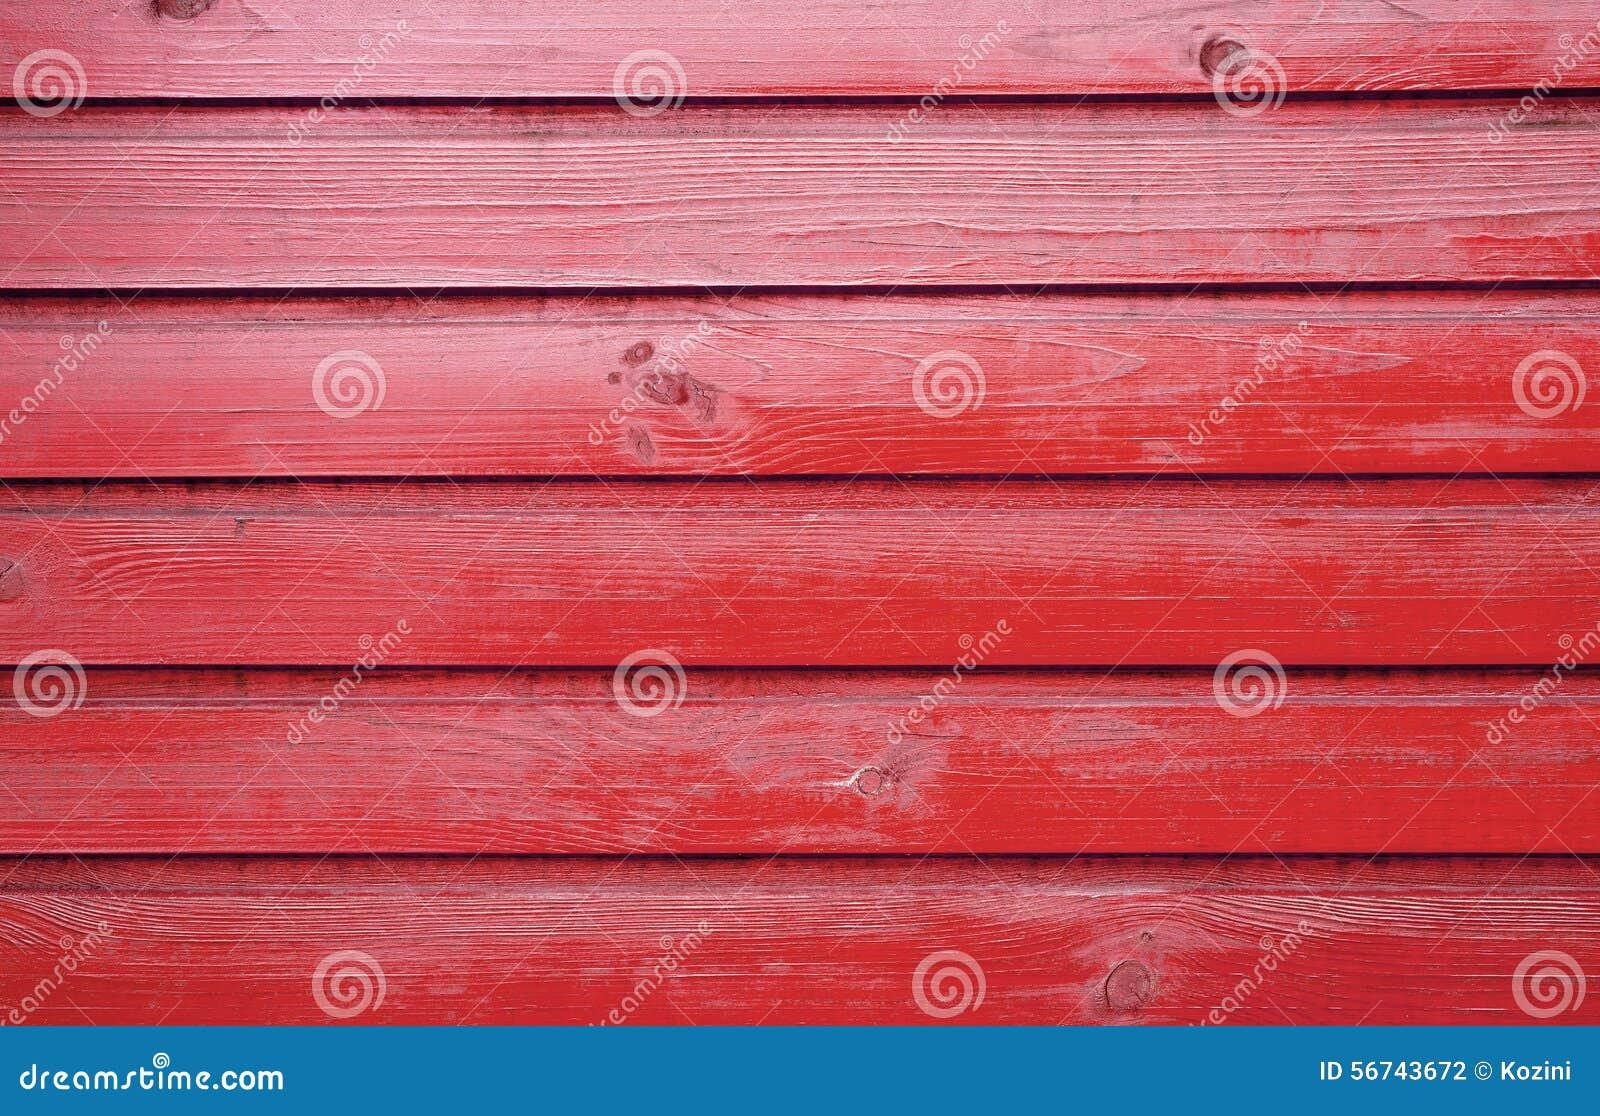 Vecchia parete di legno colore rosso verniciato fotografia - Parete di legno ...